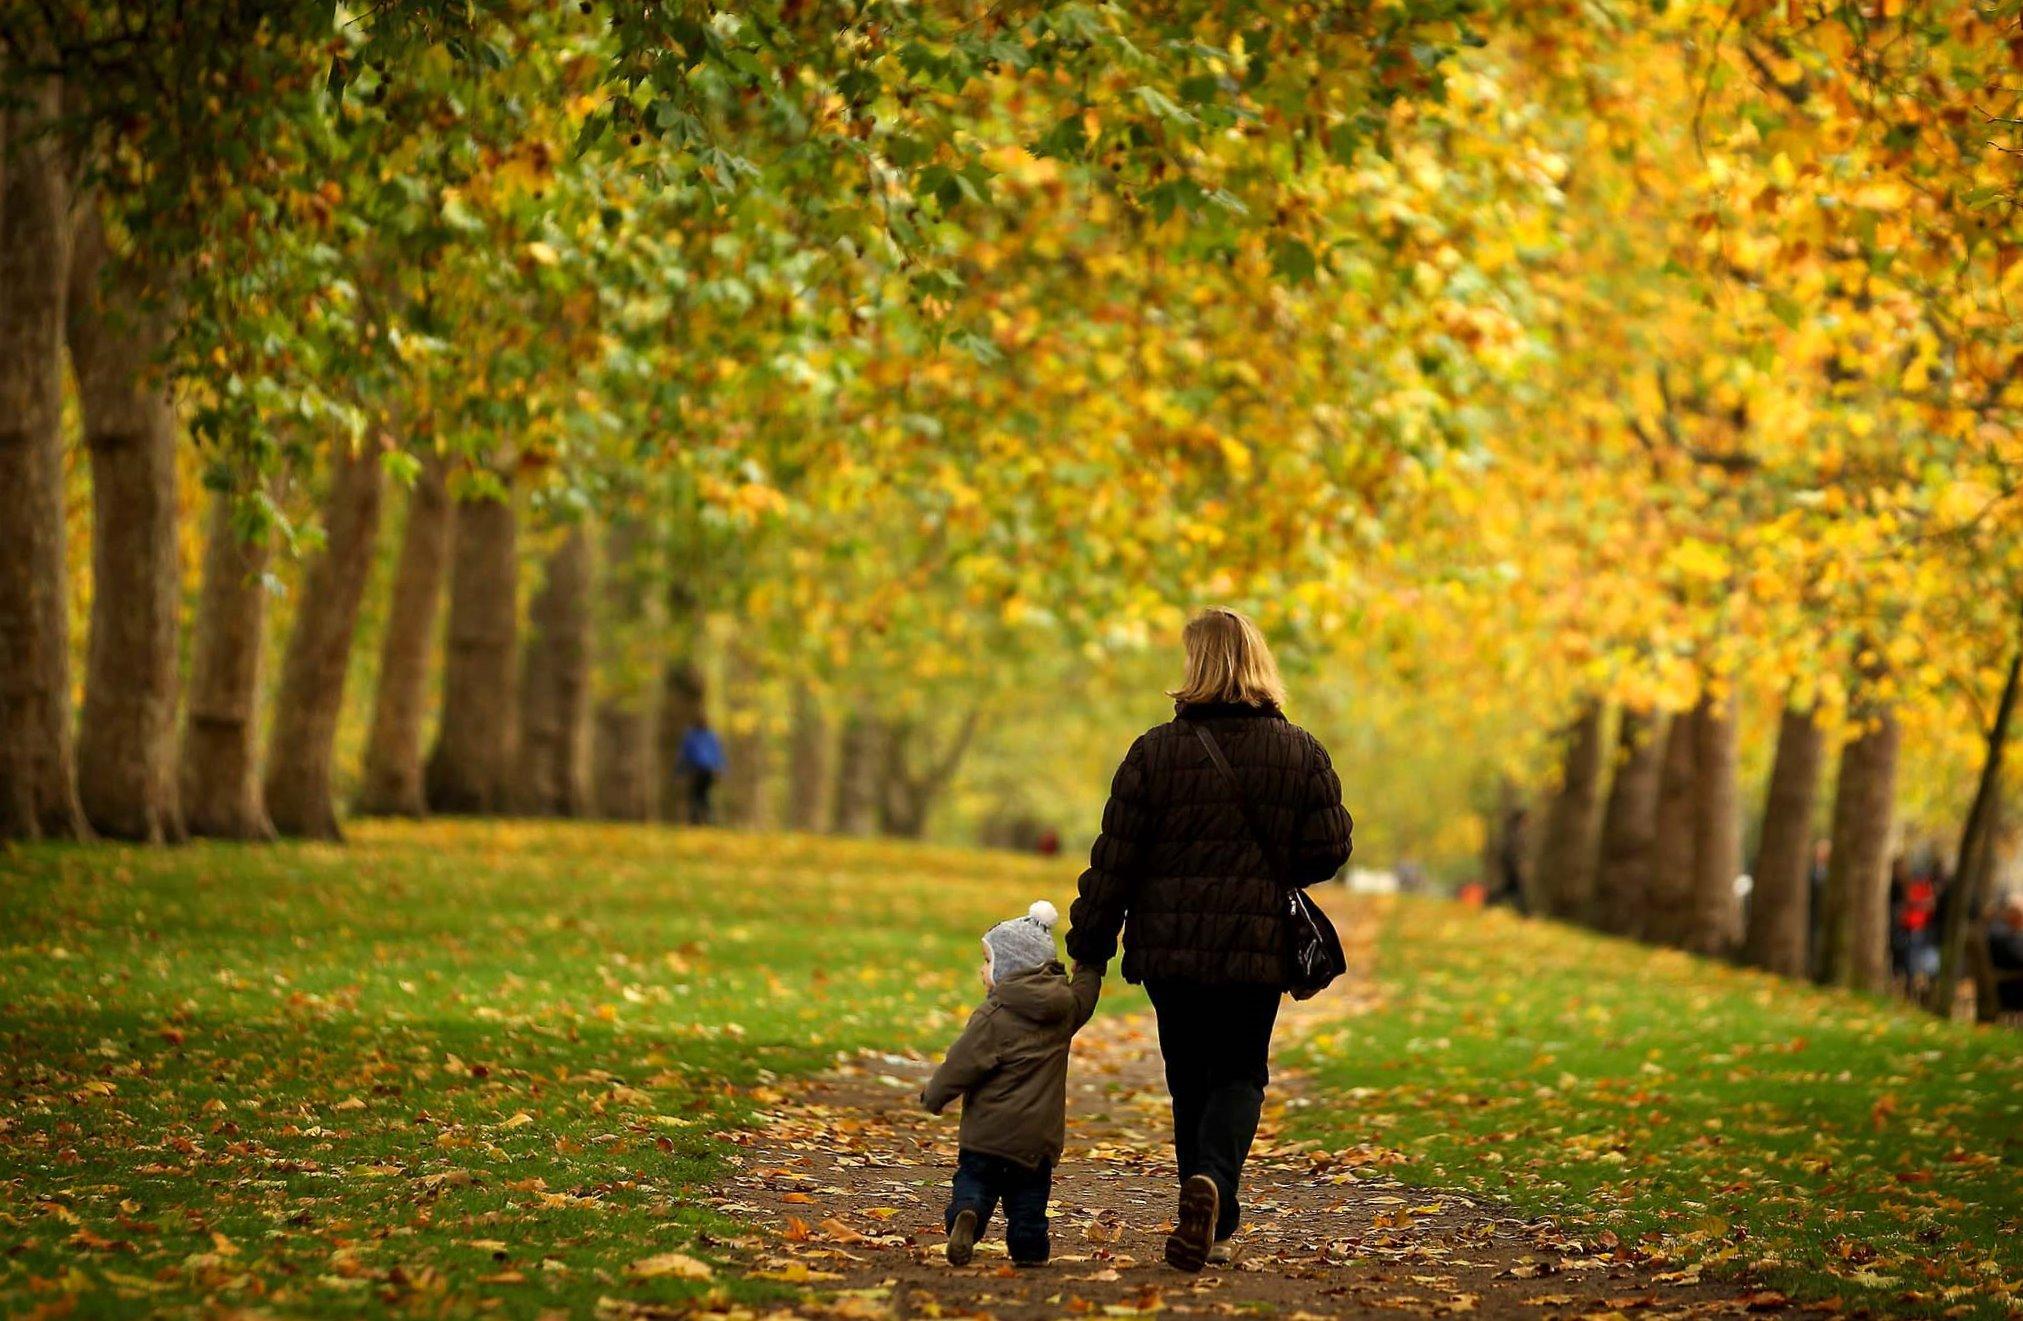 человек гуляет в парке картинка весёлыми грибами для